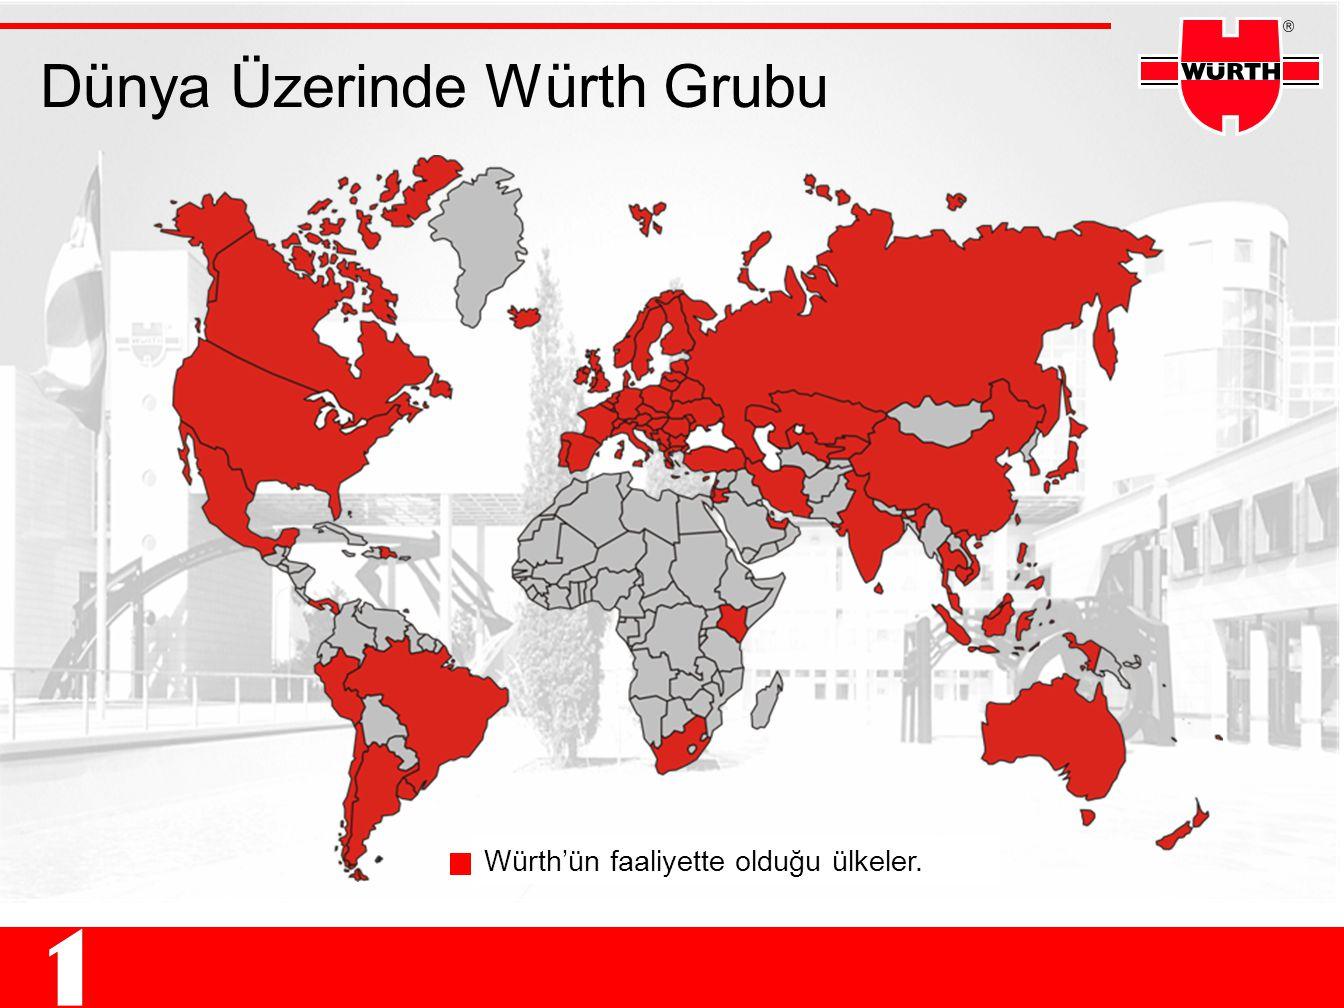 Dünya Üzerinde Würth Grubu Länder, in denen Würth vertreten ist Würth'ün faaliyette olduğu ülkeler.